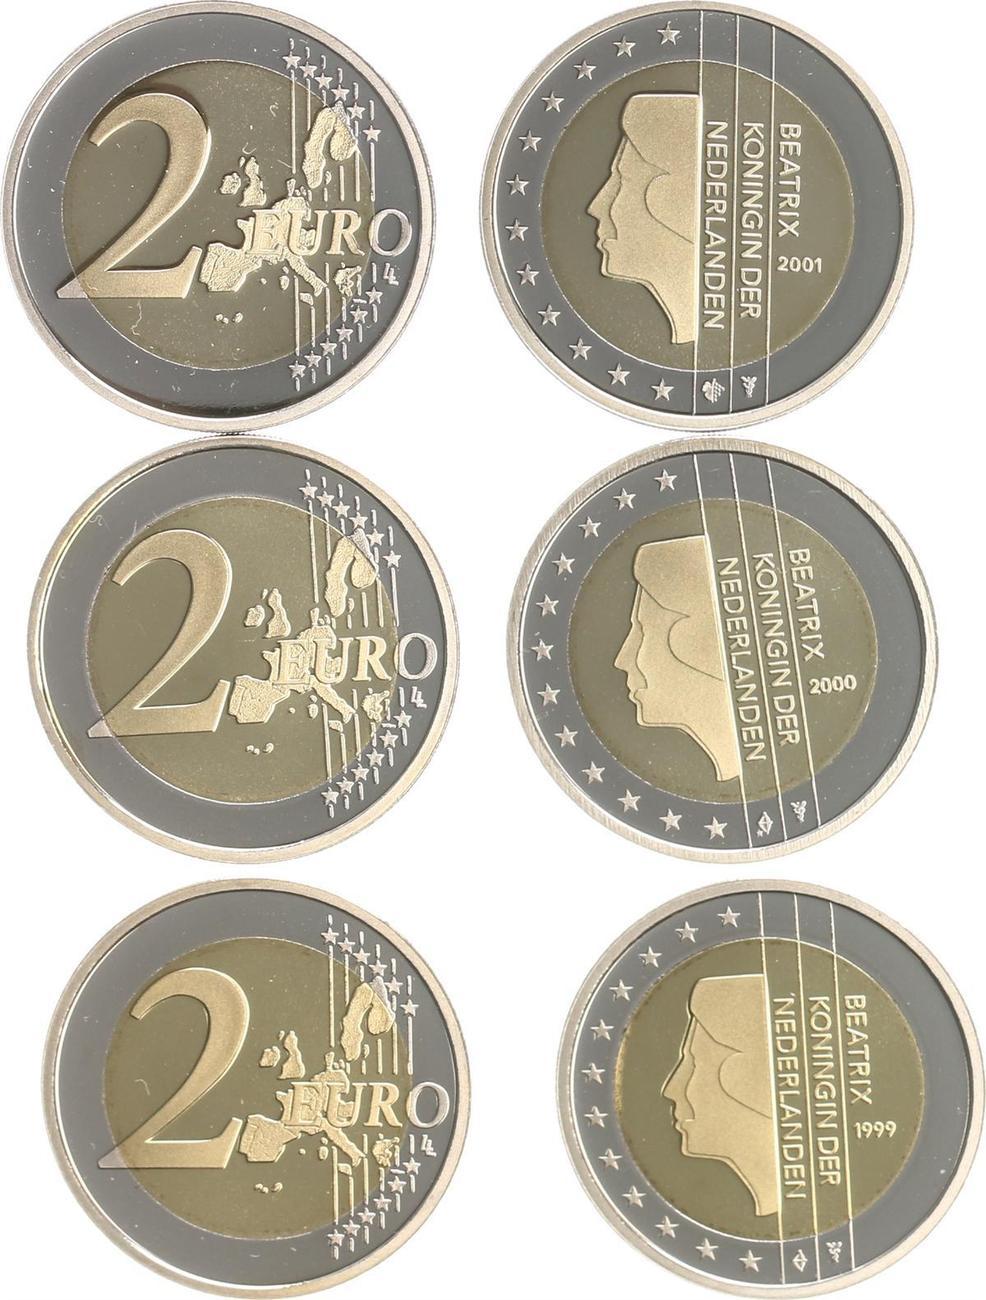 2 Euro 199920002001 Niederlande Niederlande 2 Euro Kursmünzen 1999